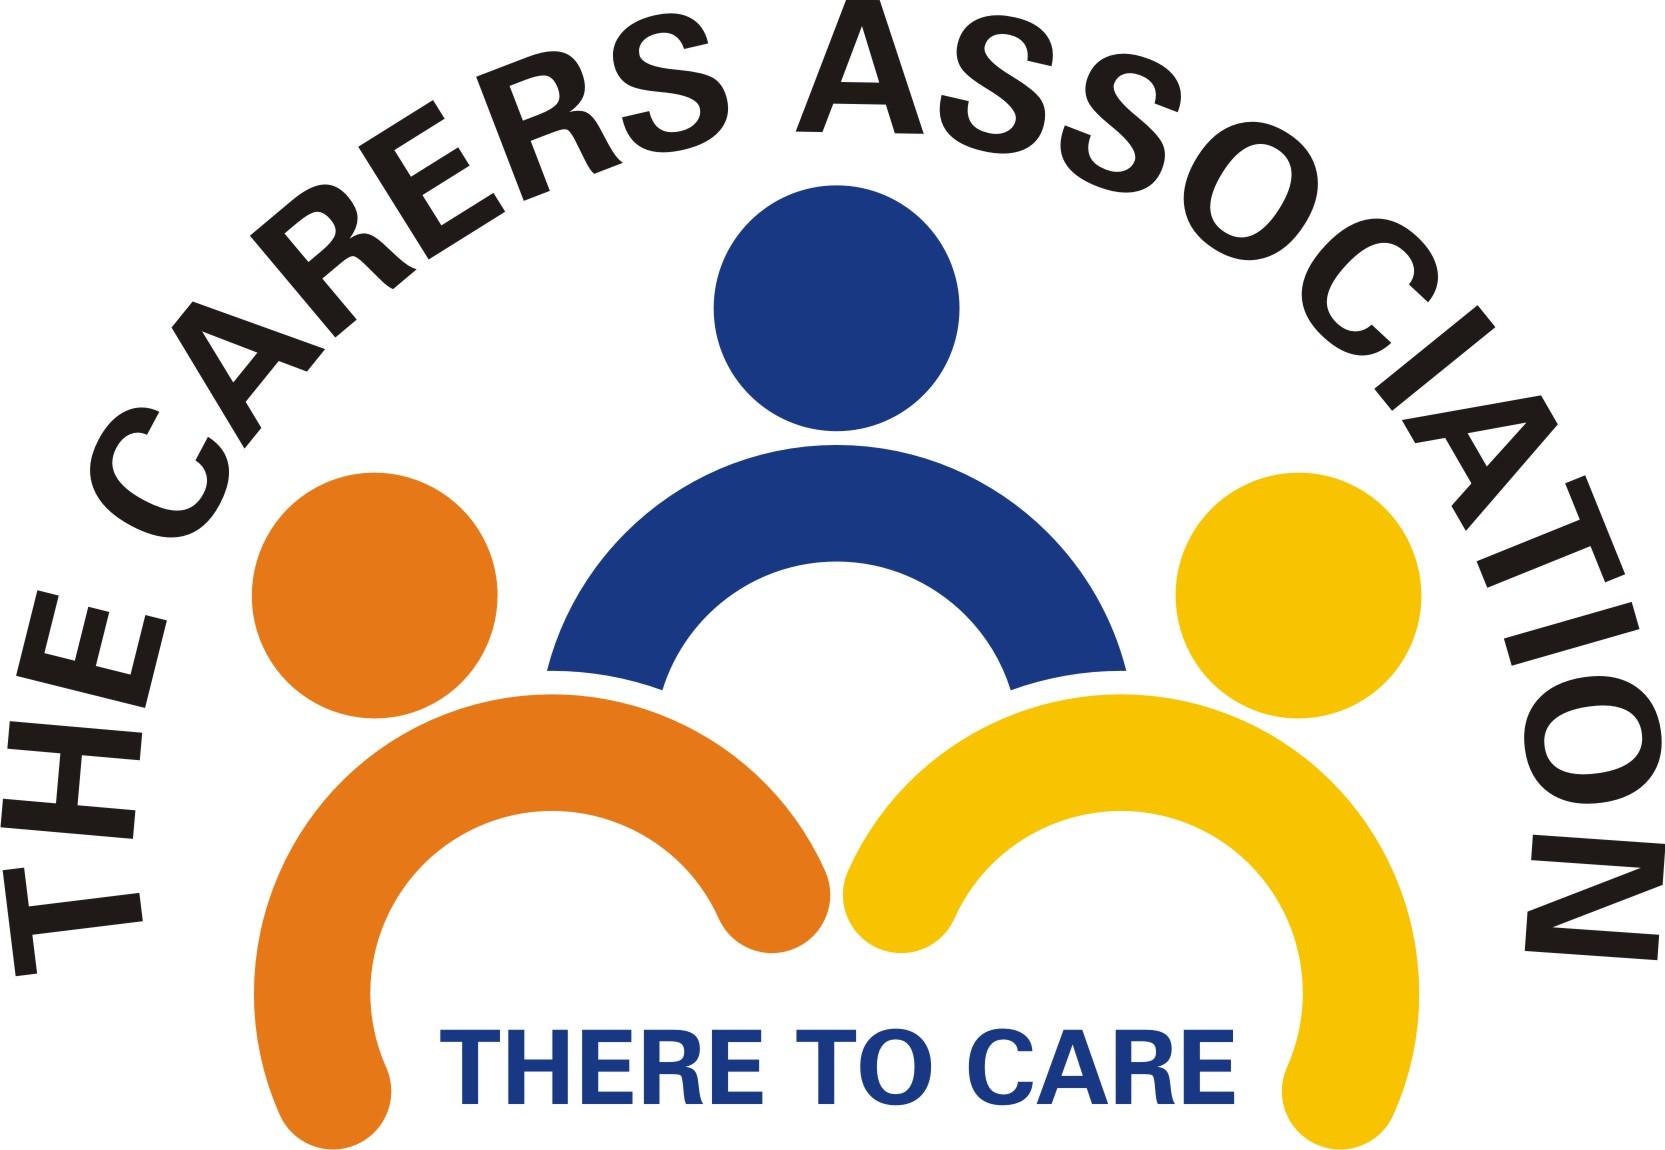 carers-association-logo